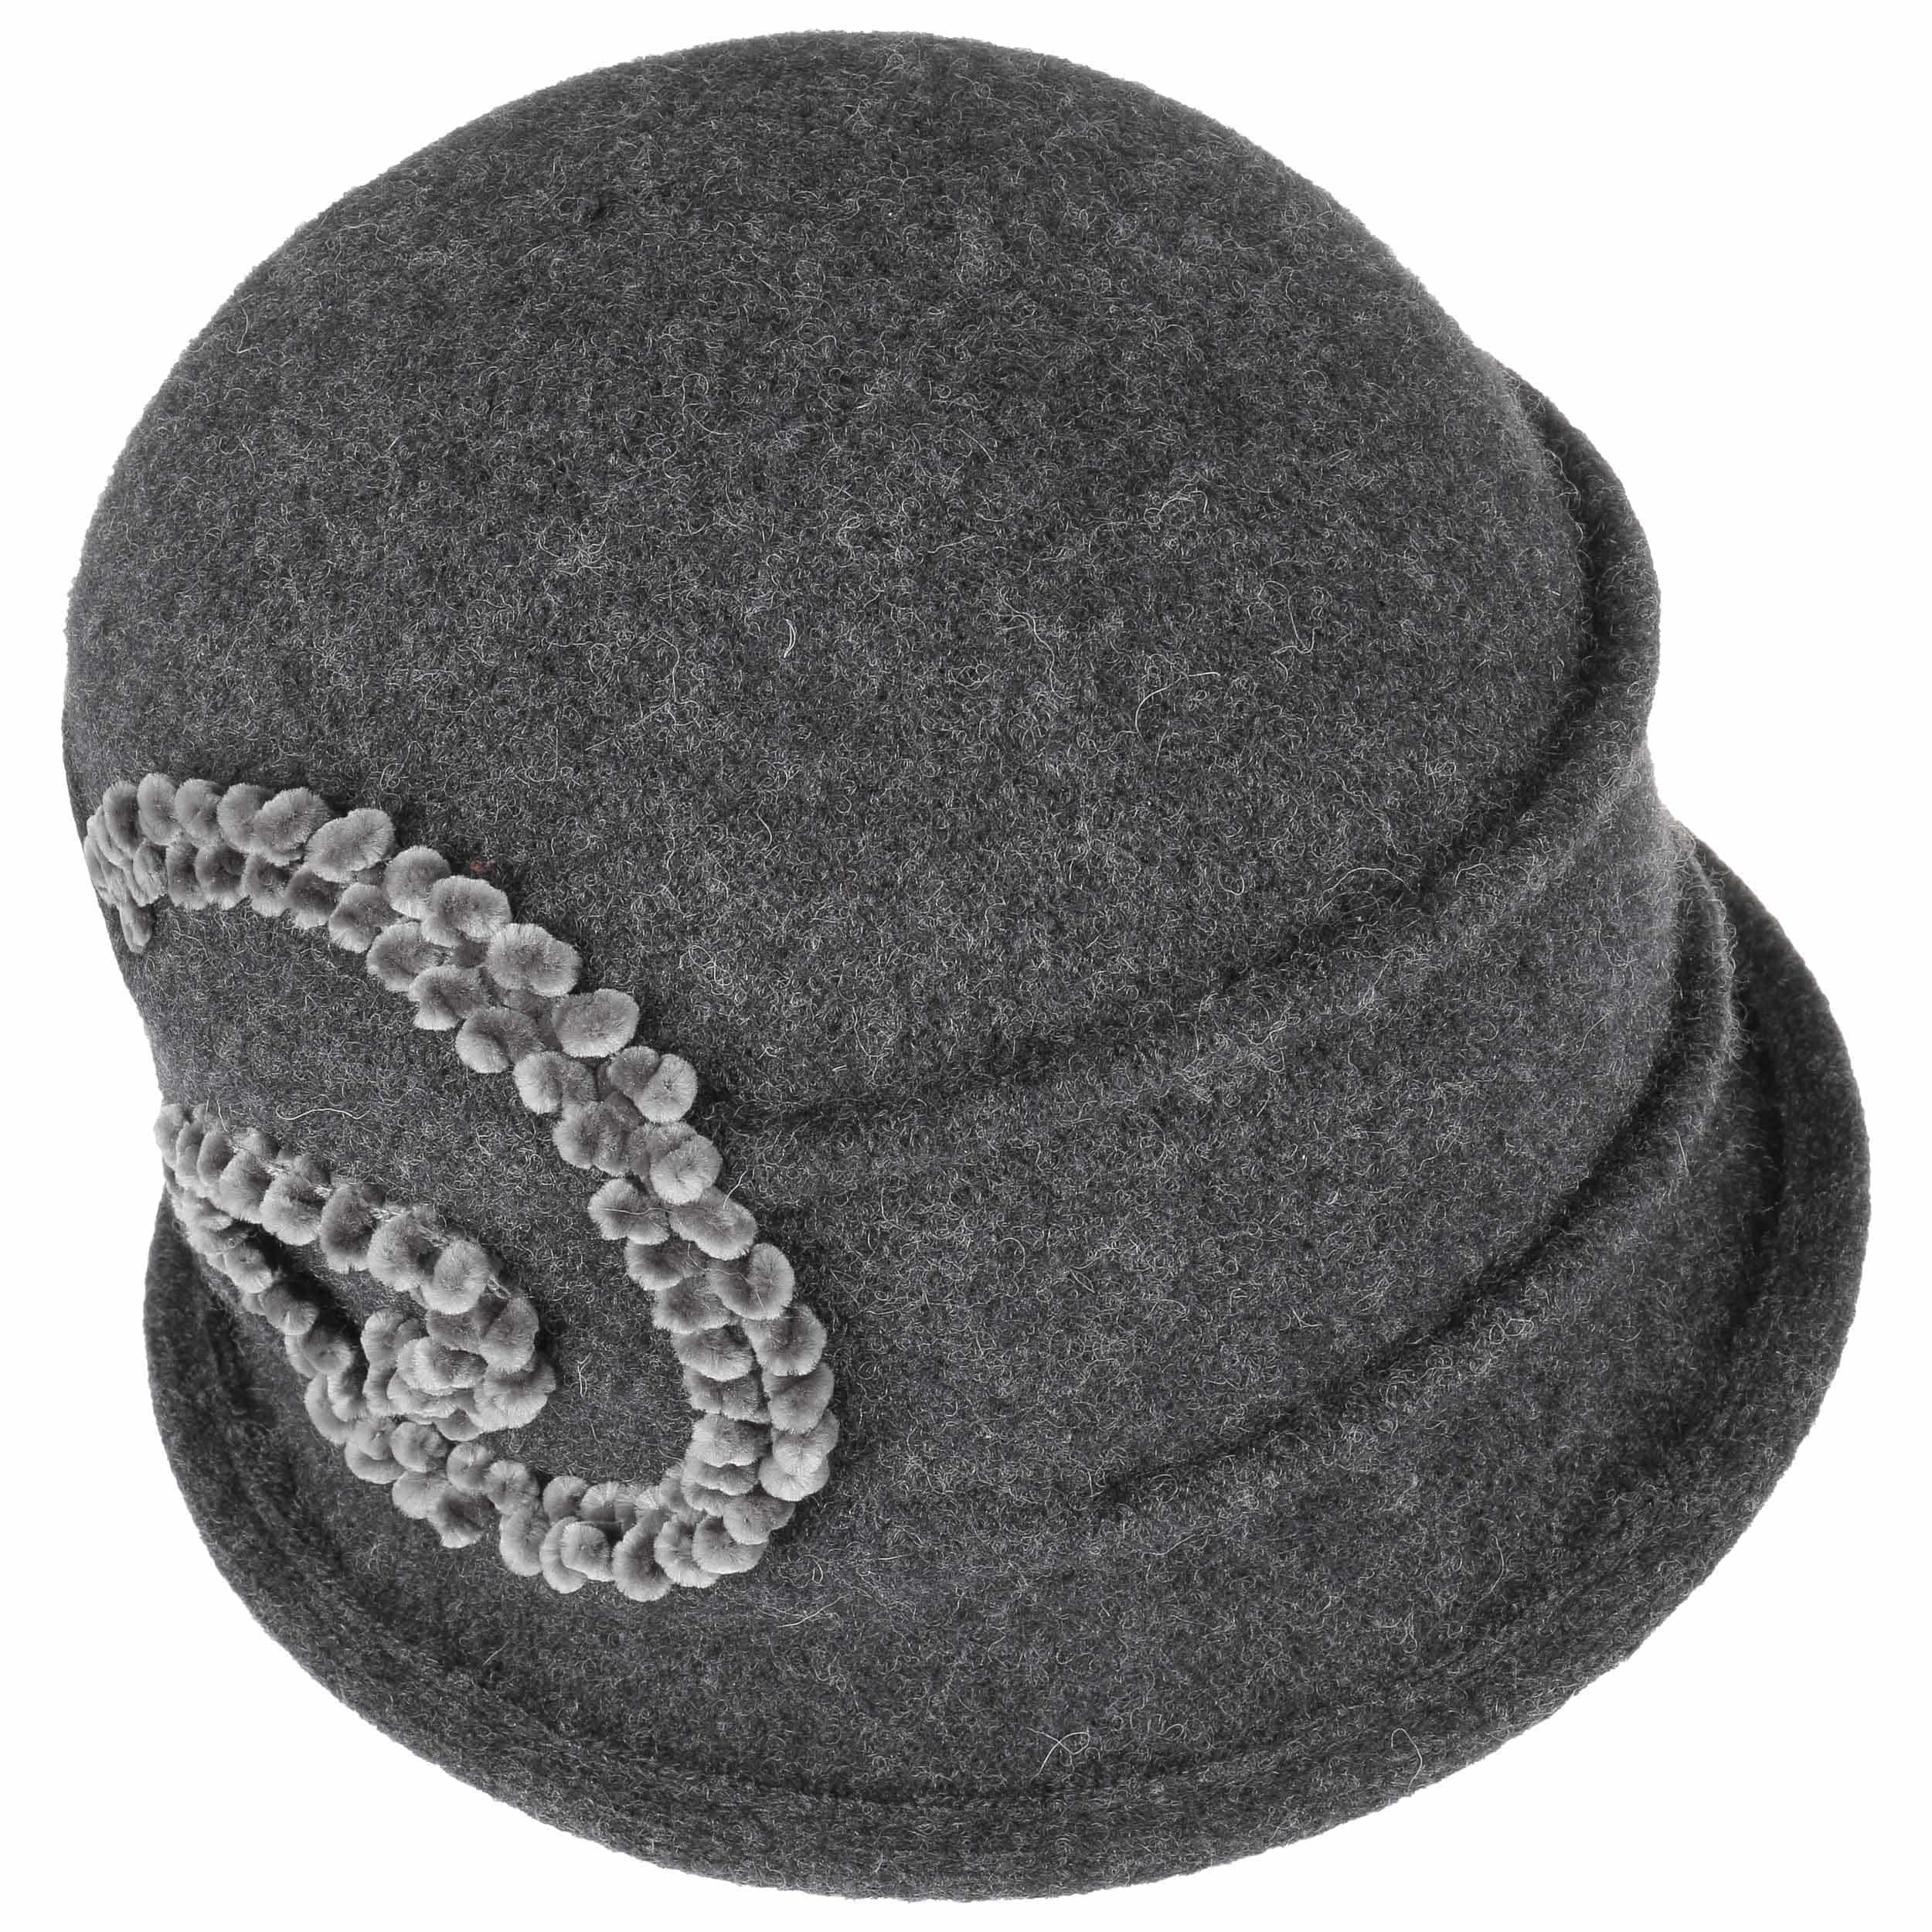 Sombrero de Lana Hervida Chenille by Seeberger - antracita 1 ... 72d13e93819